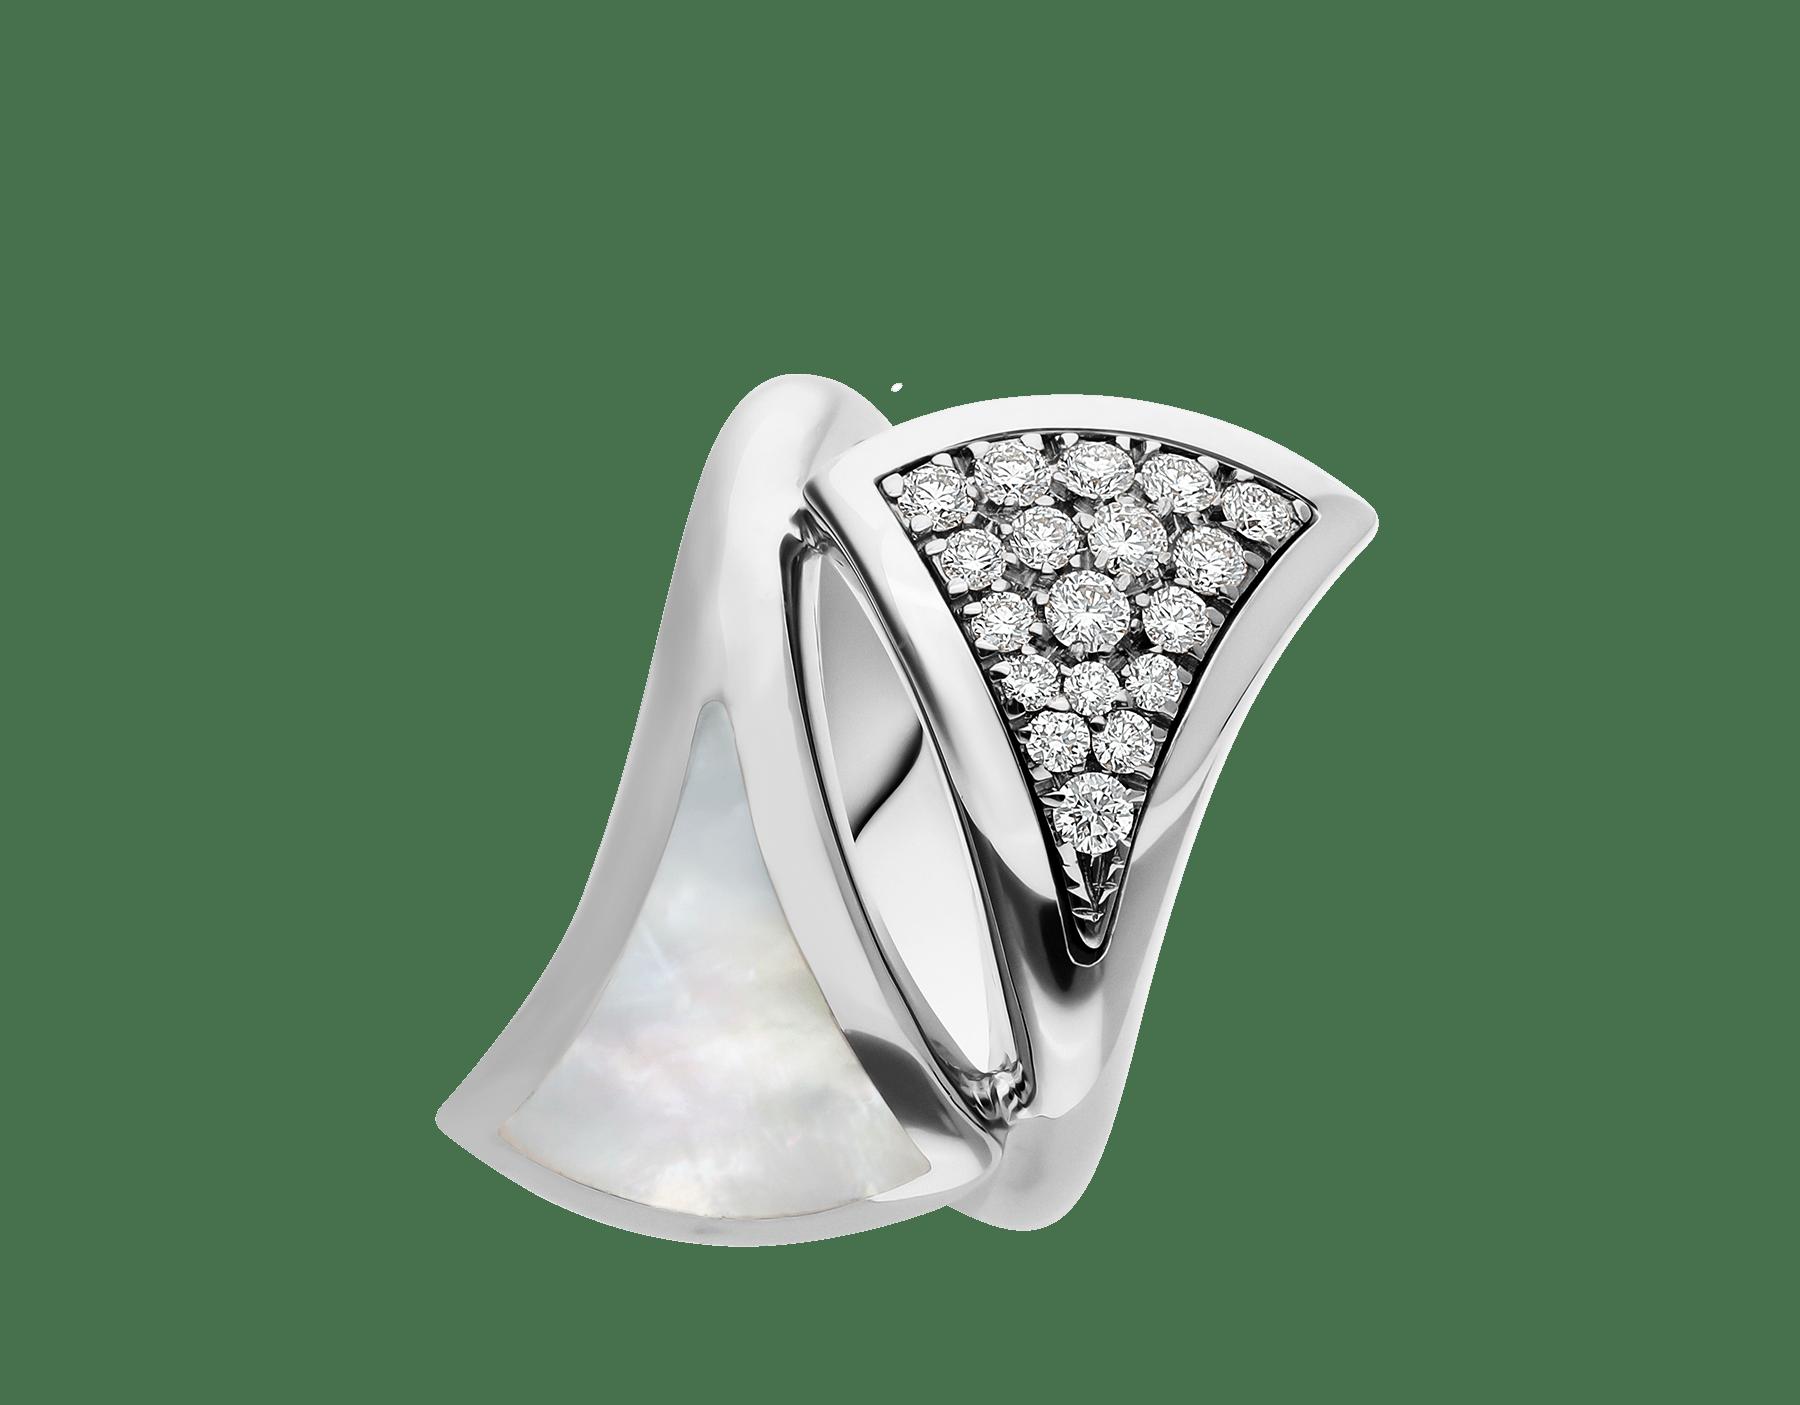 Anillo Contraire DIVAS' DREAM en oro blanco de 18 qt con madreperla y pavé de diamantes. AN857957 image 2